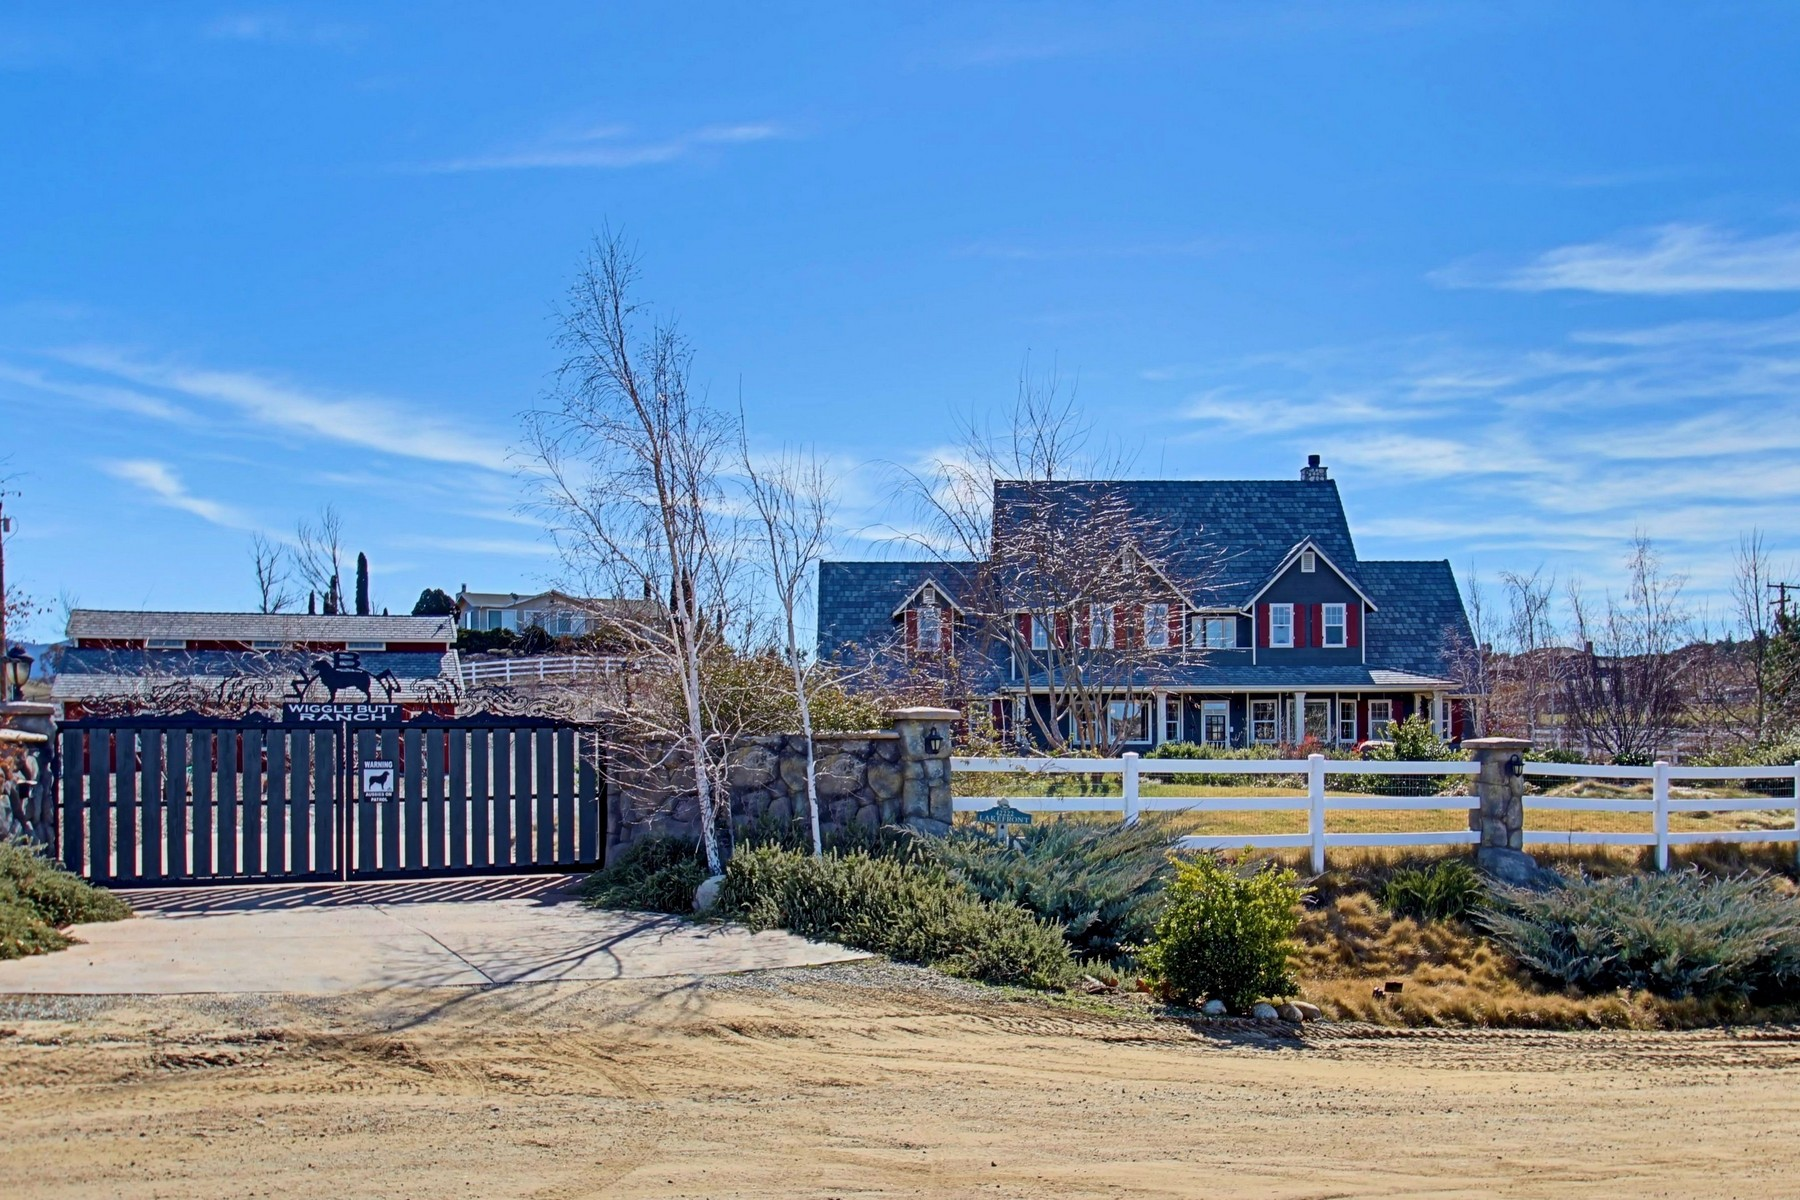 农场 / 牧场 / 种植园 为 销售 在 42222 Lakefront Drive Aguanga, 加利福尼亚州, 92536 美国